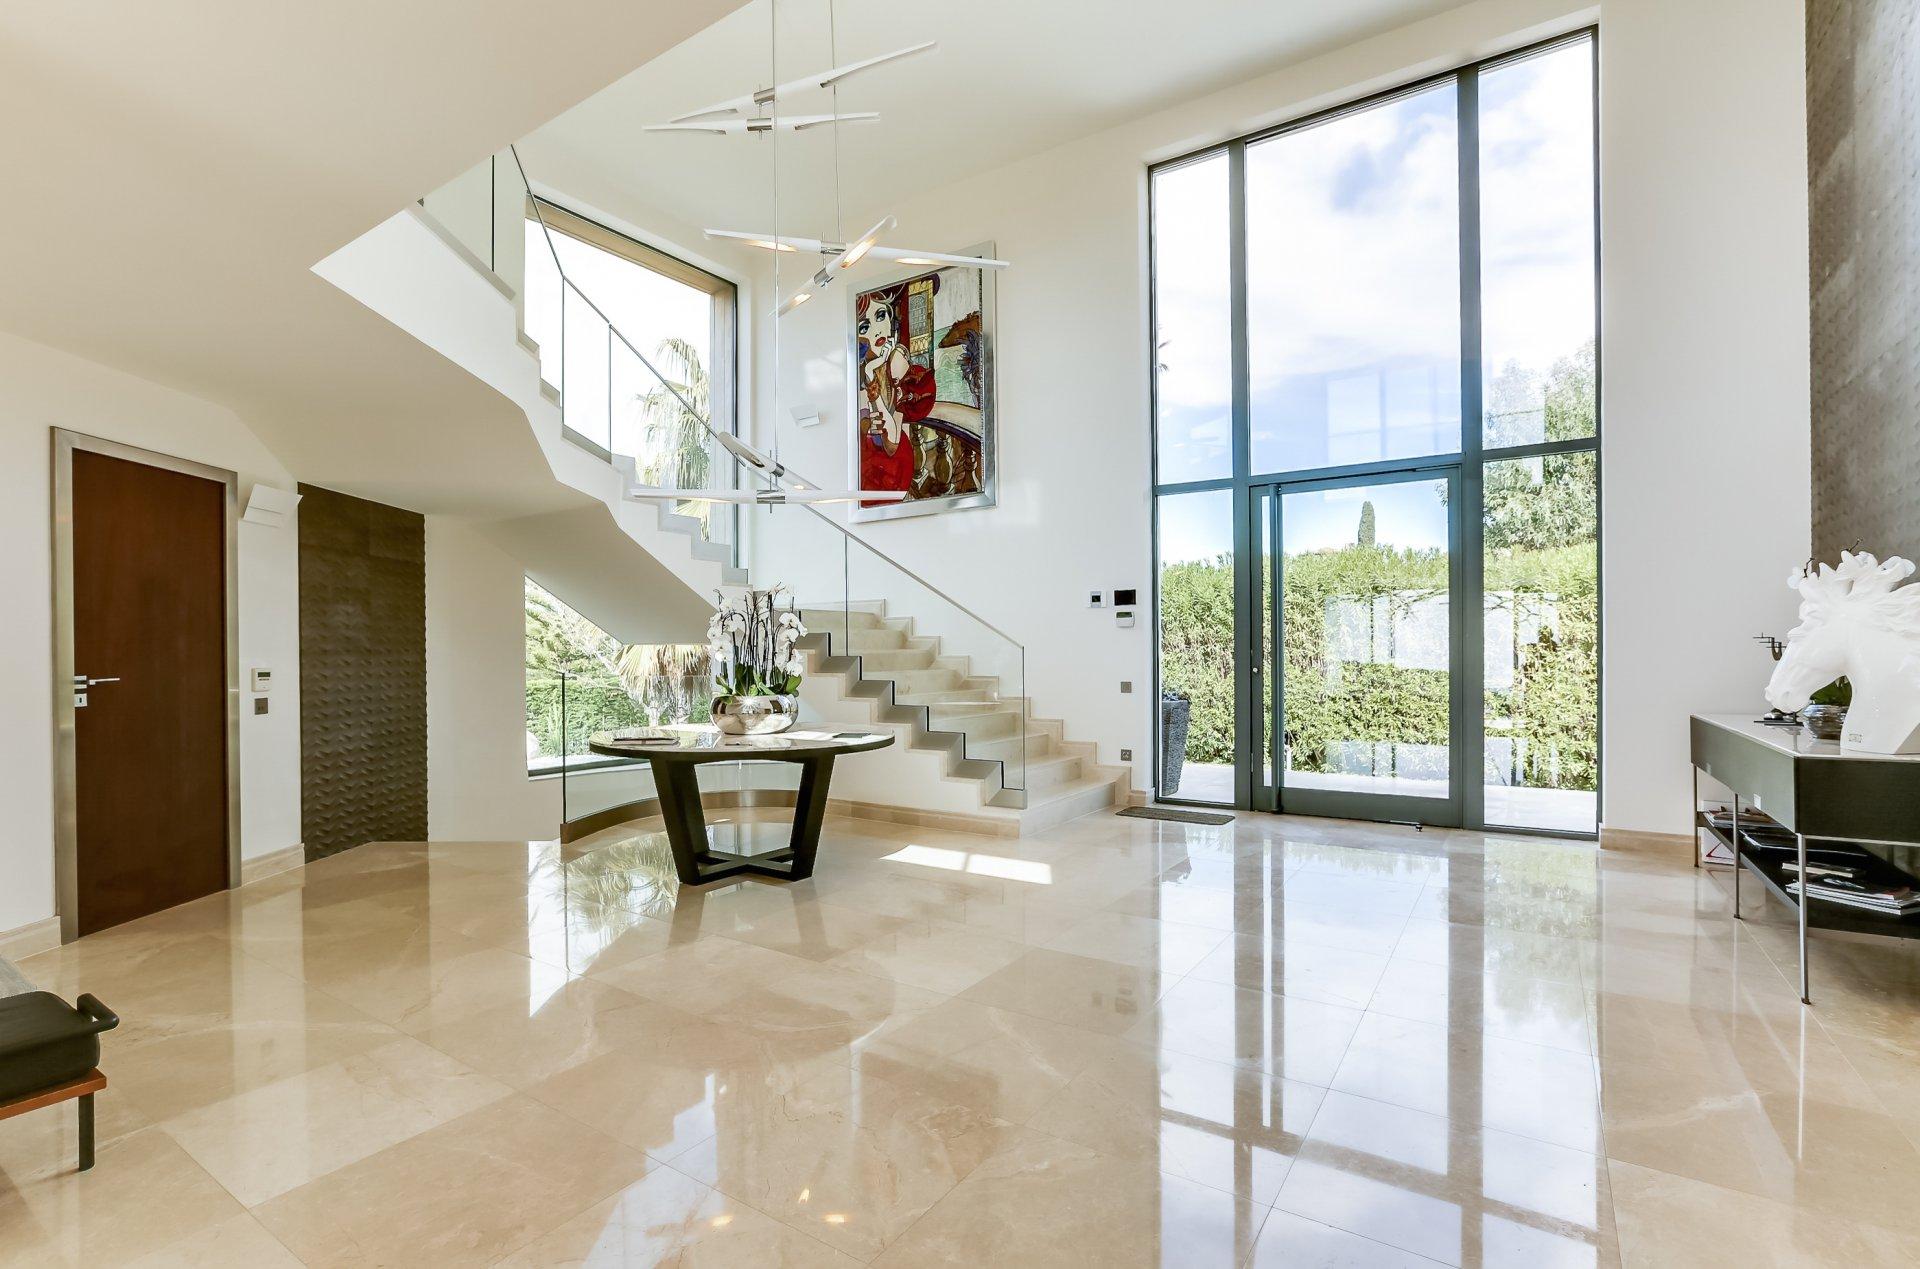 Ventilateur de plafond, lumière naturelle